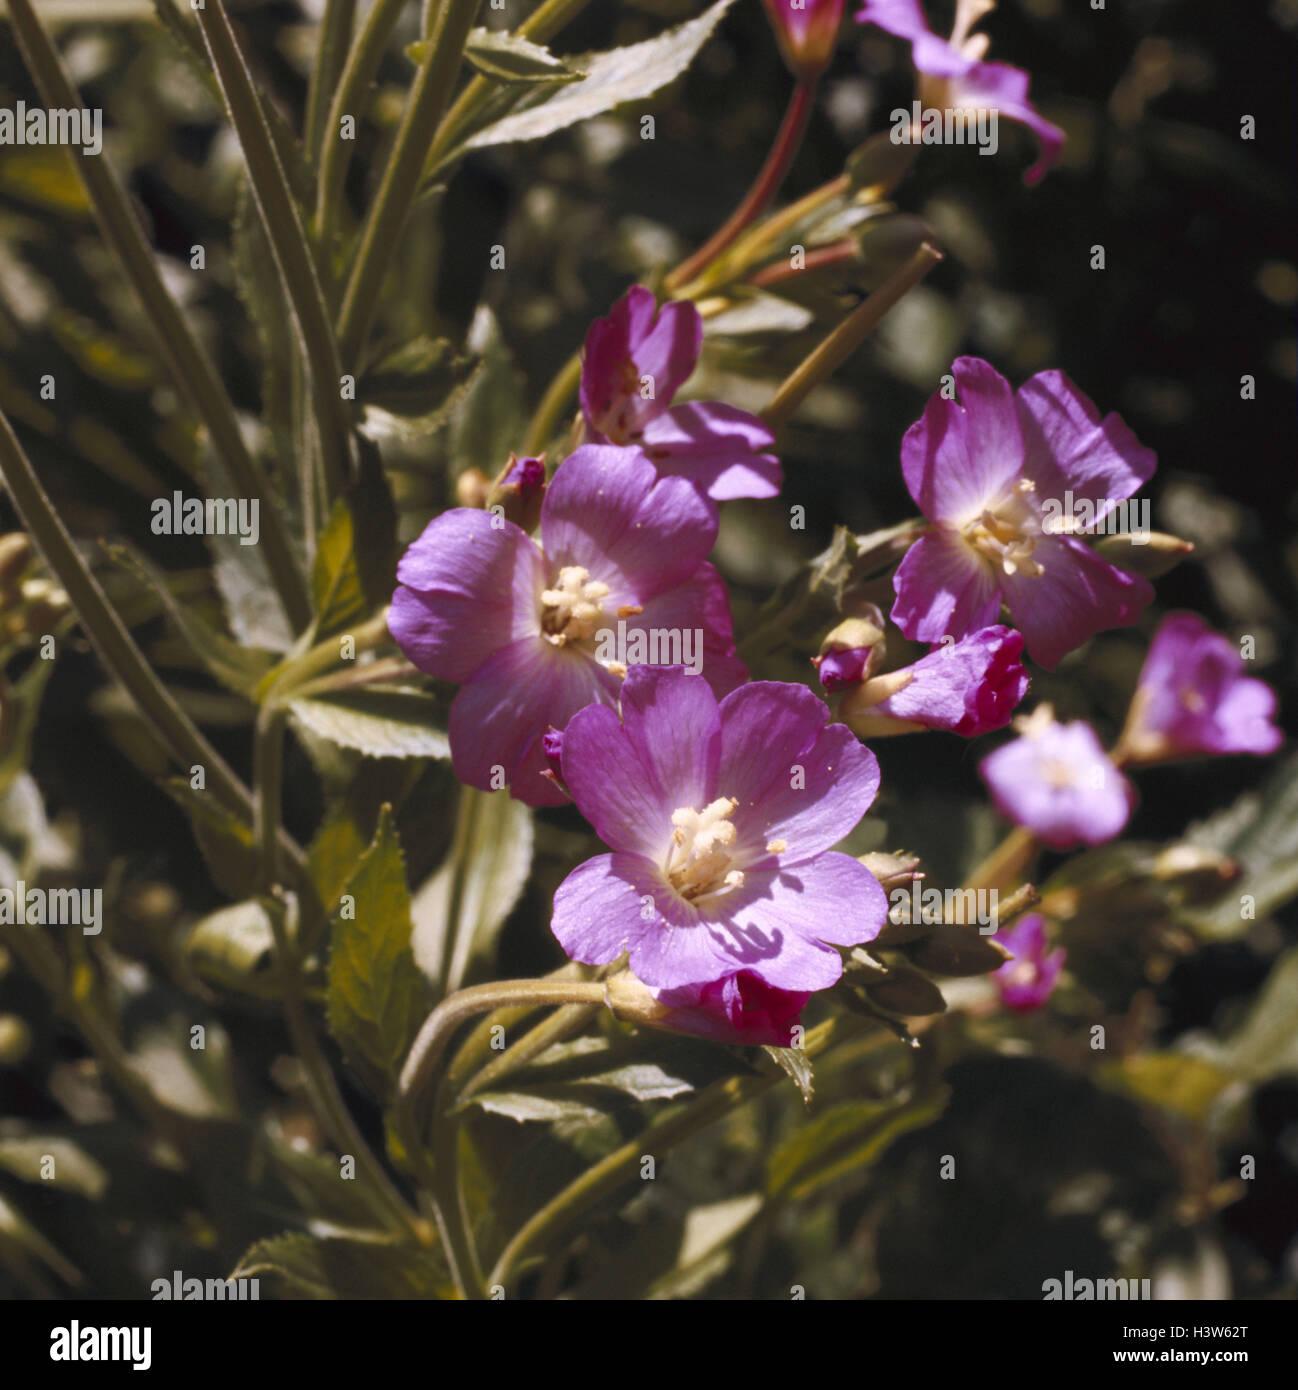 Welche Blumen Blühen Im September etwas ungepflegte weiden epilobium hirsutum natur botanik